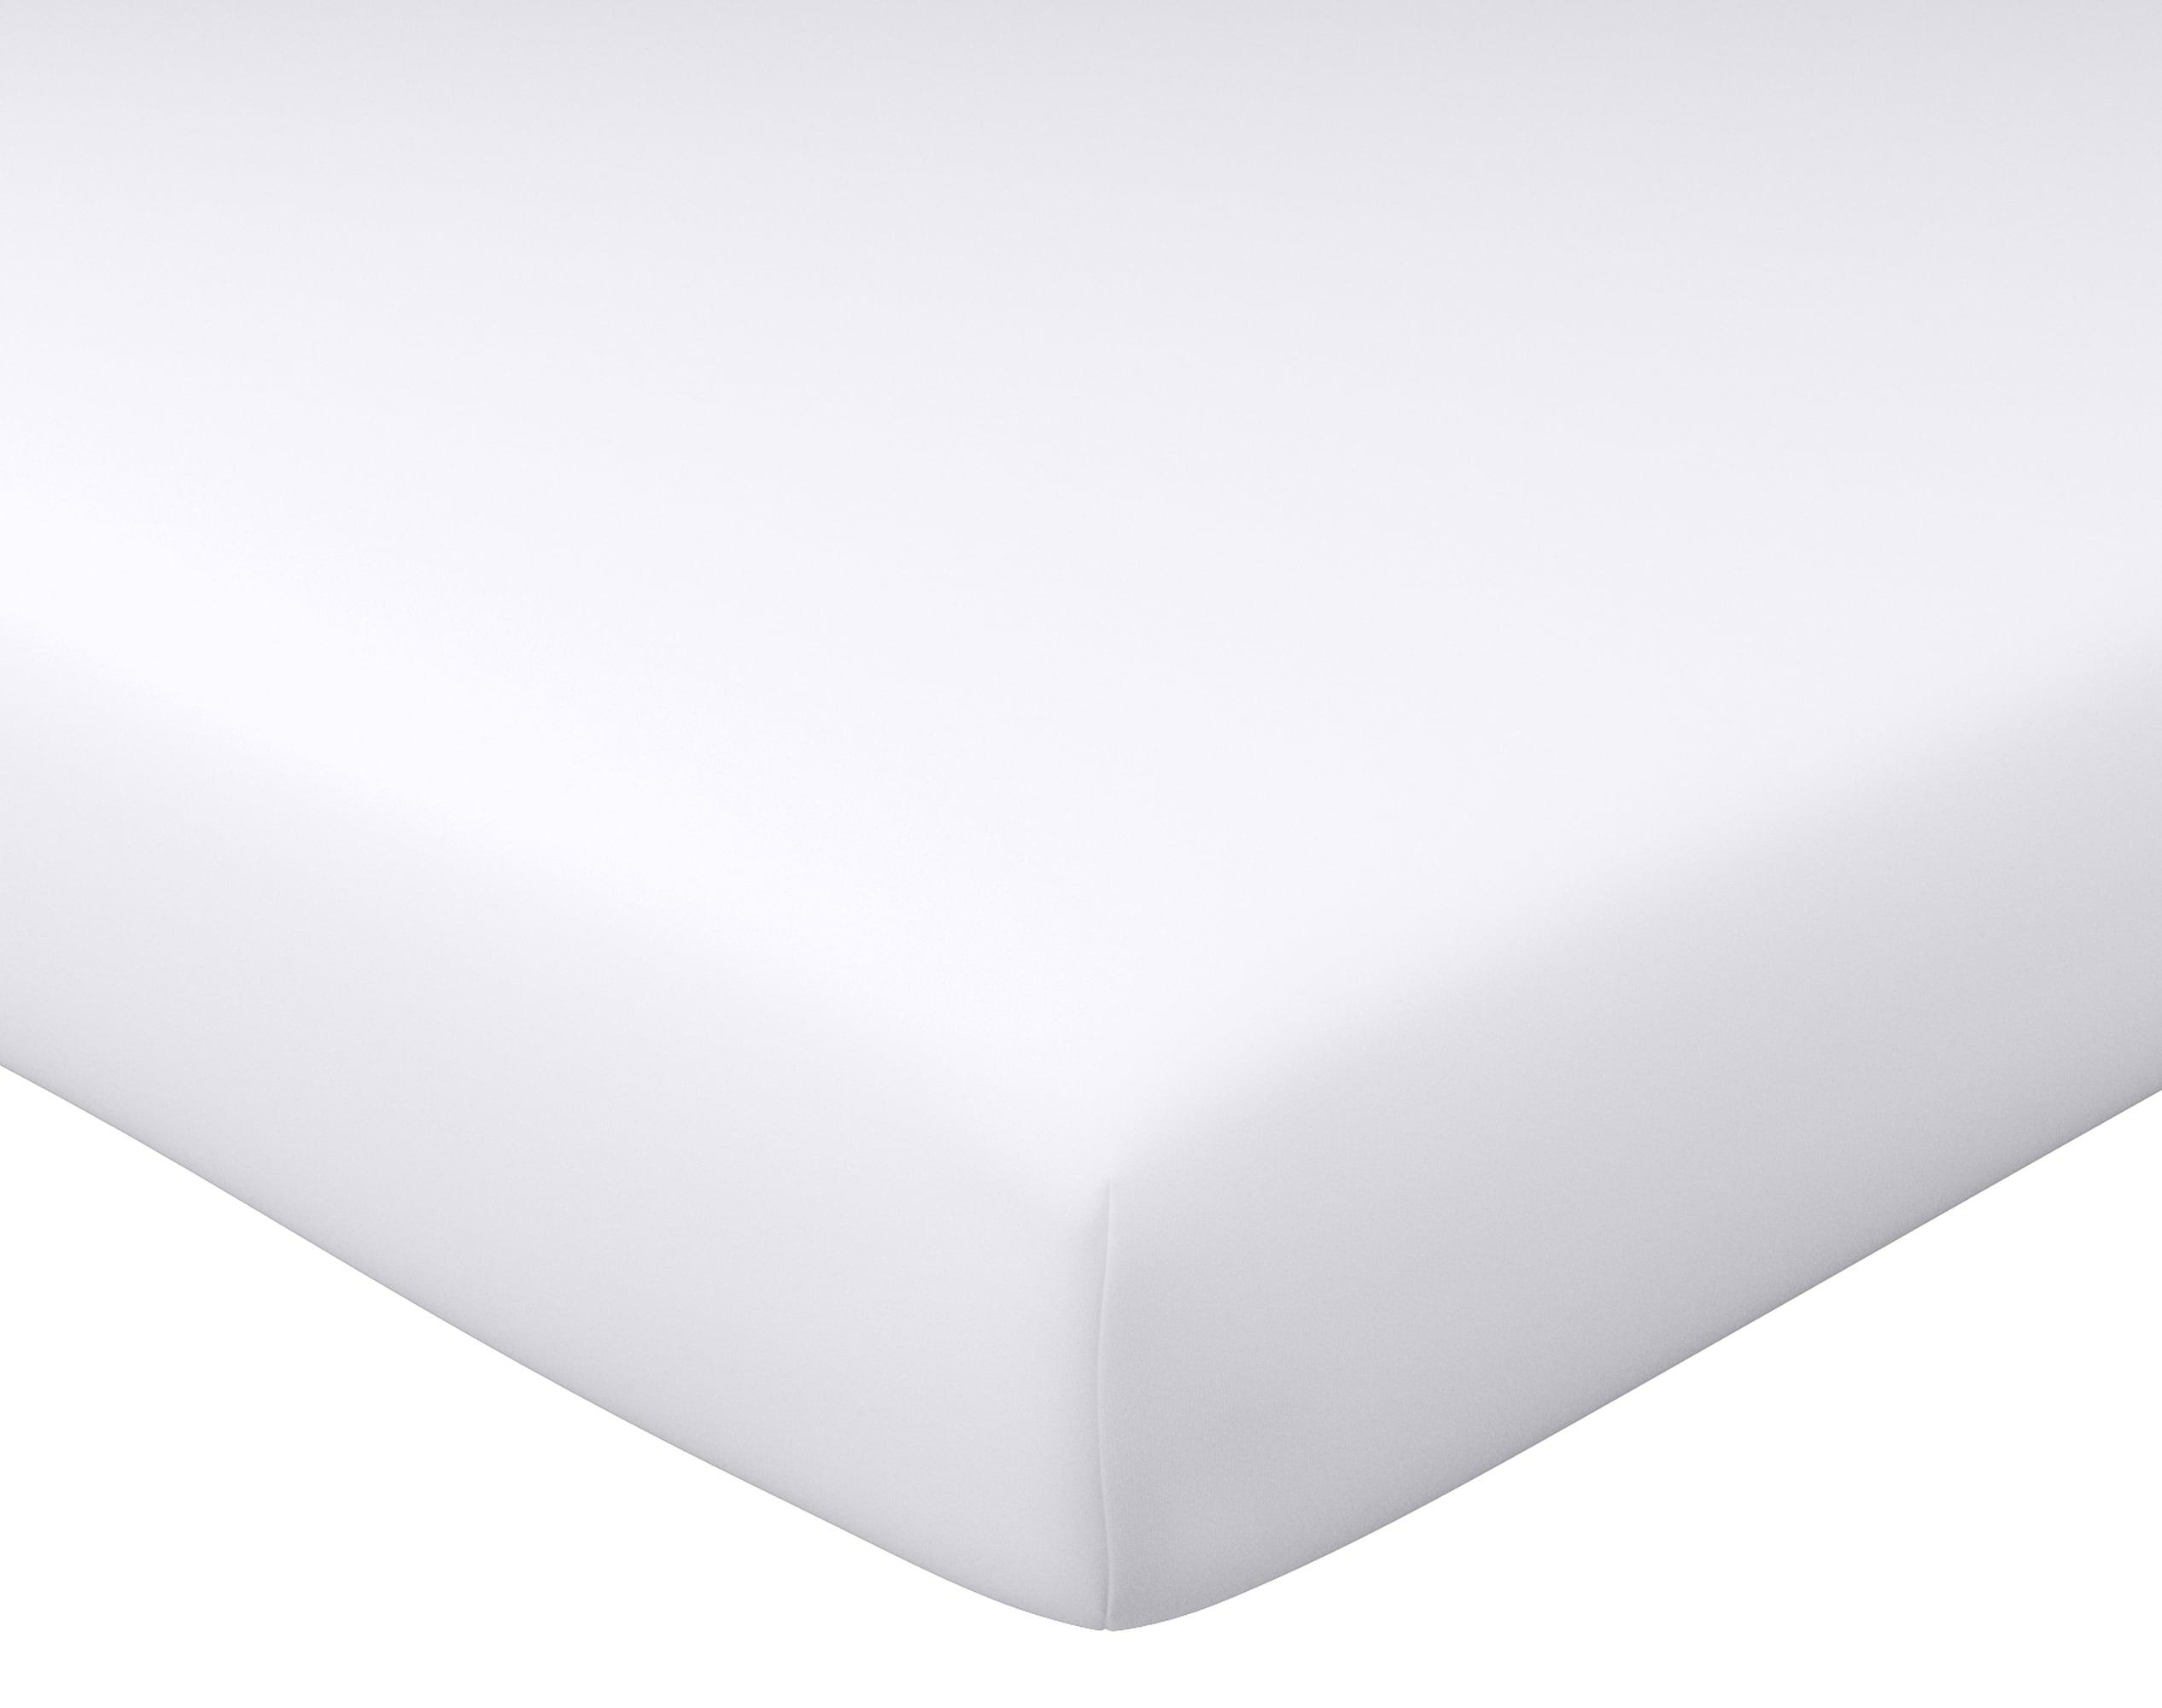 Drap-housse 160x200 en coton blanc